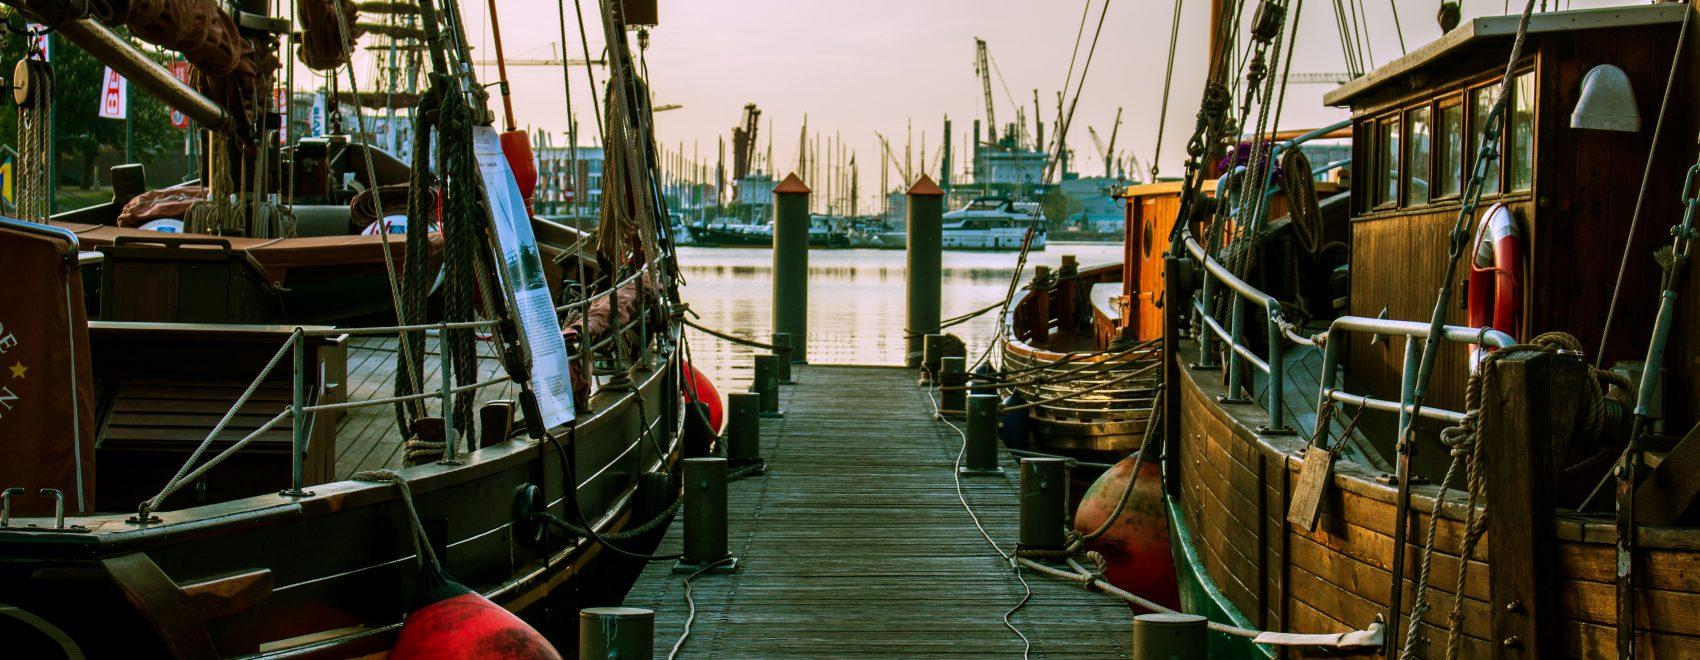 Holzsteg im Neuen Hafen Bremerhaven